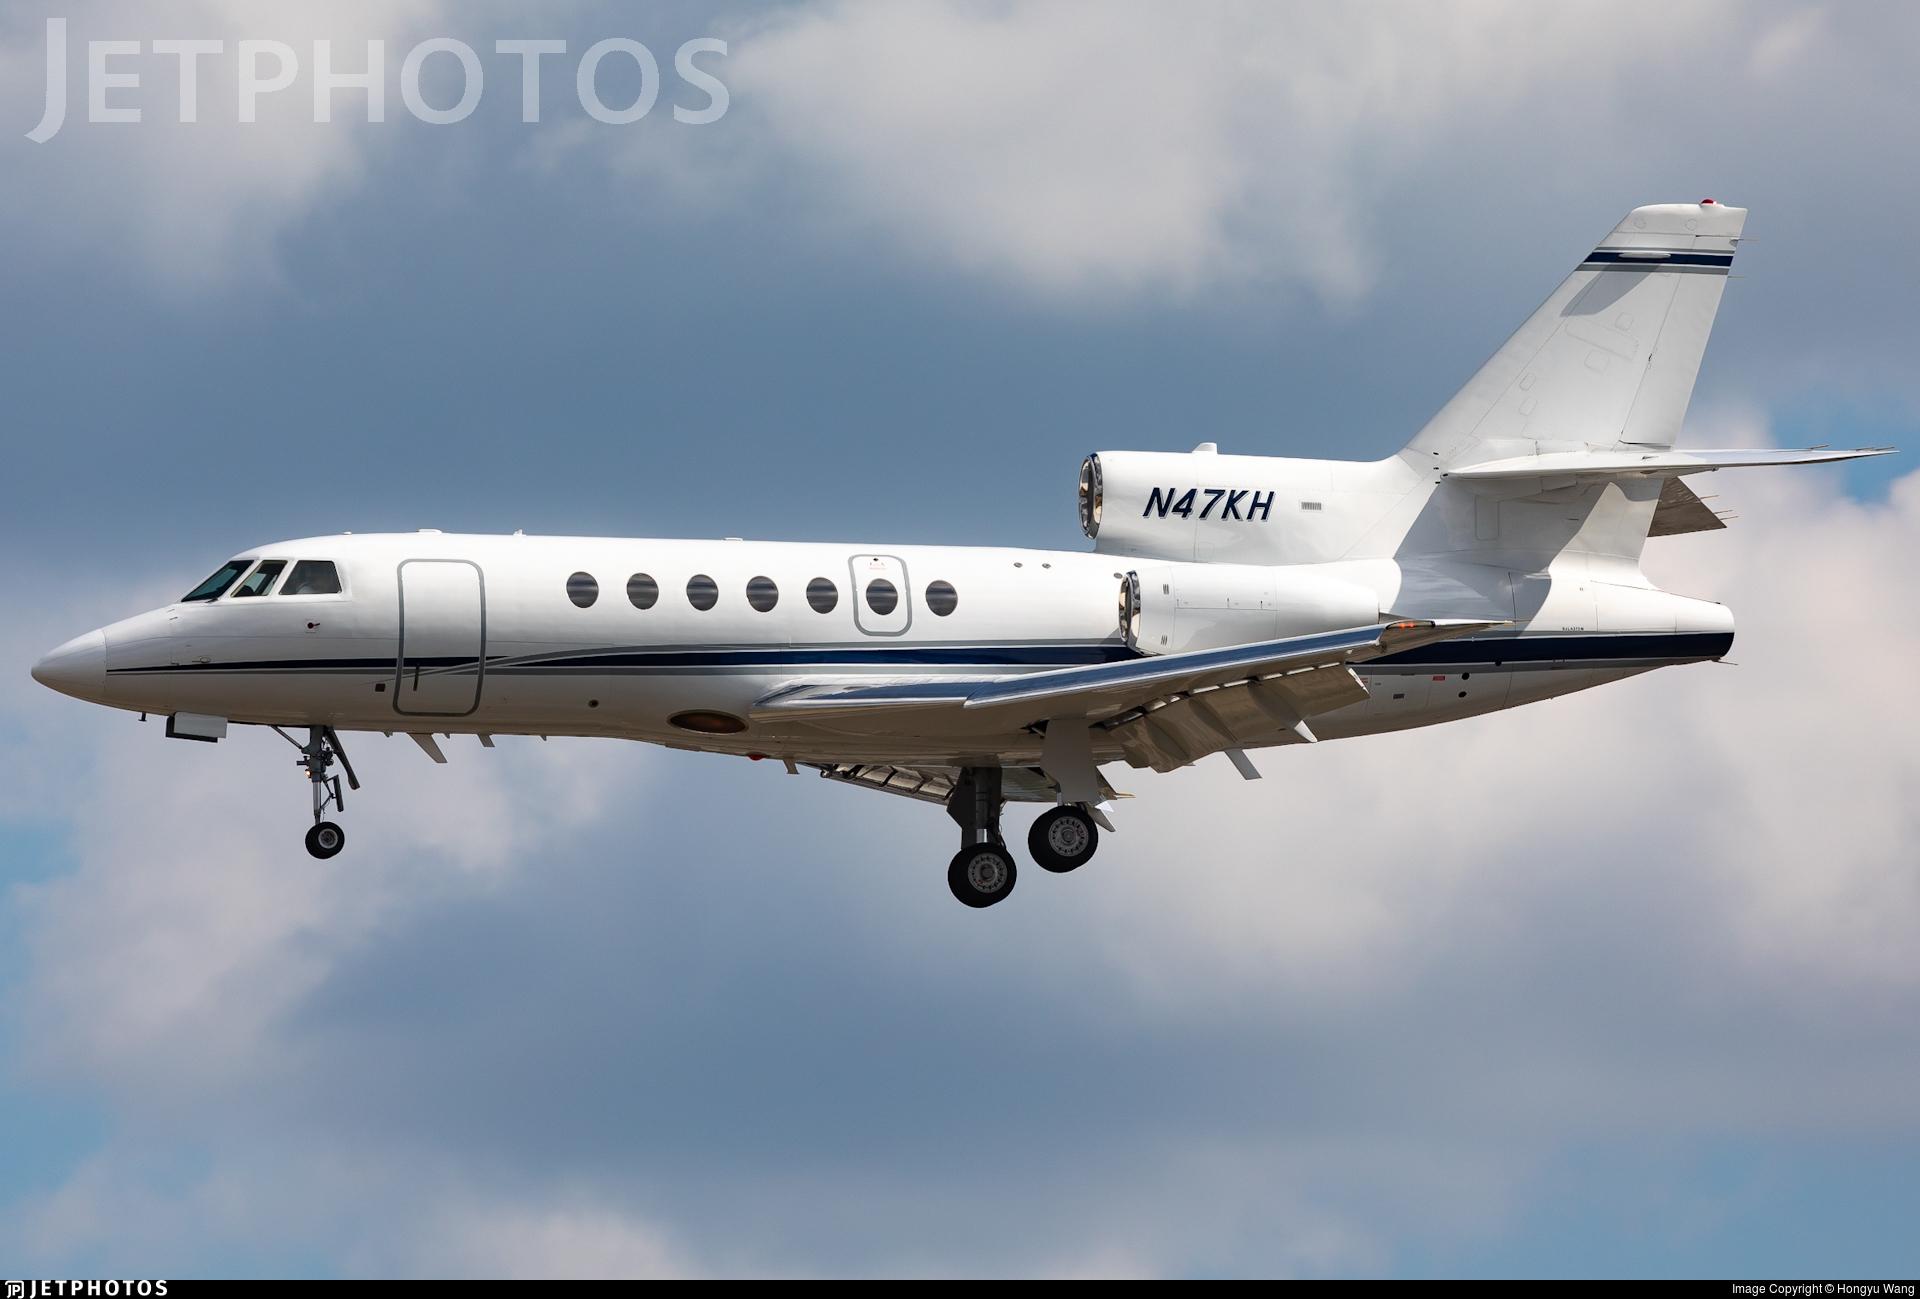 N47KH - Dassault Falcon 50 - Private